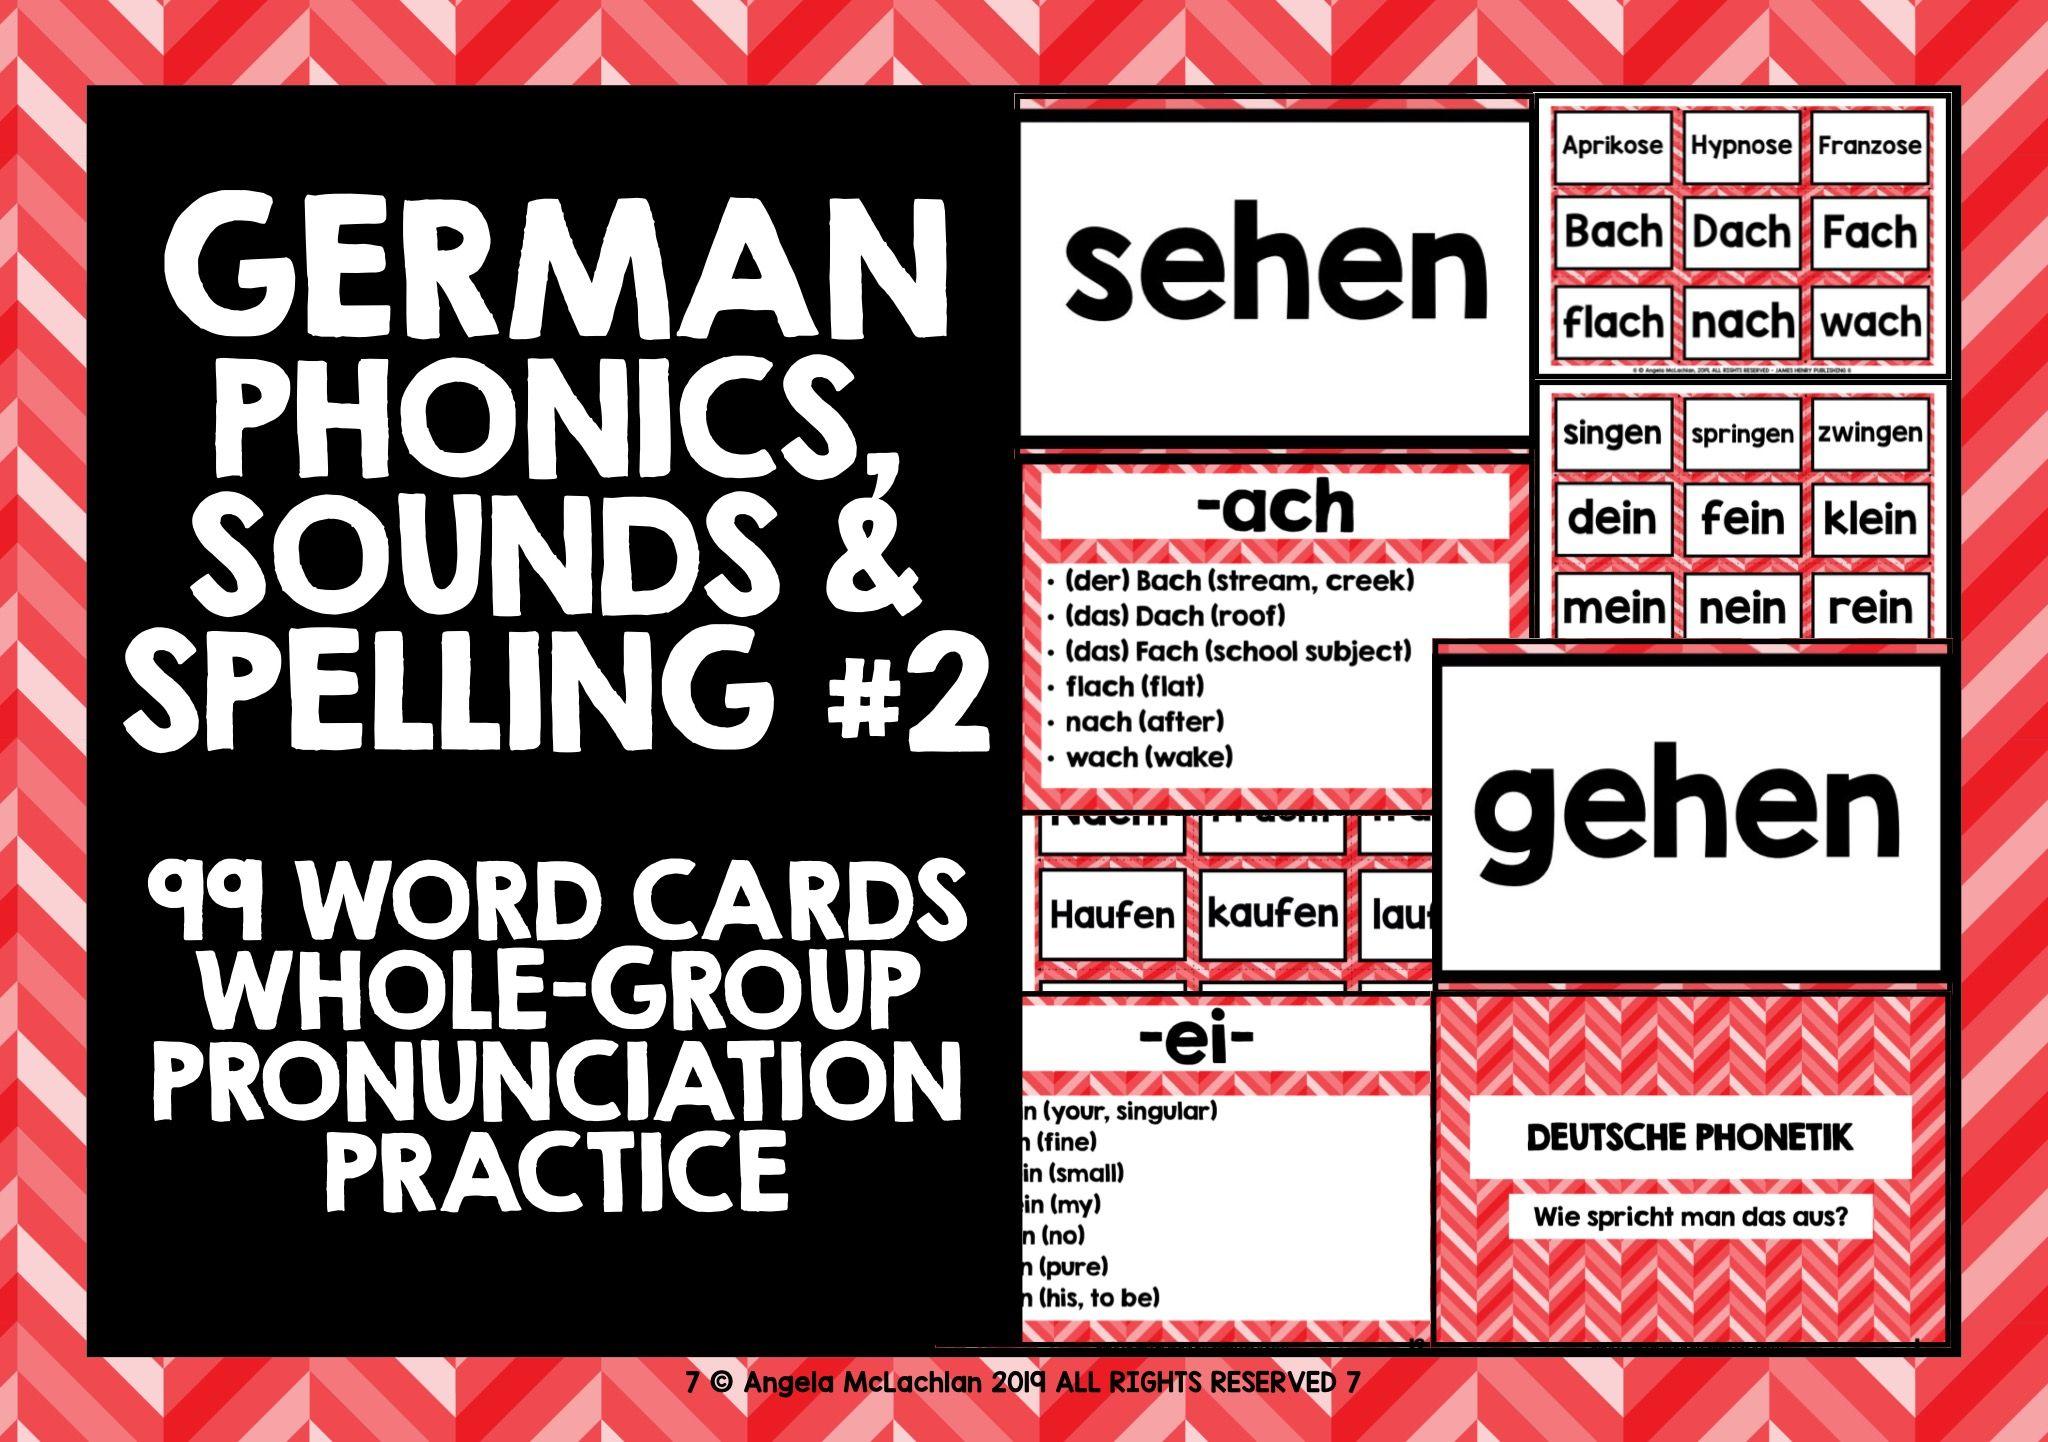 Germanphonics Germanspeaking Germanpronunciation German